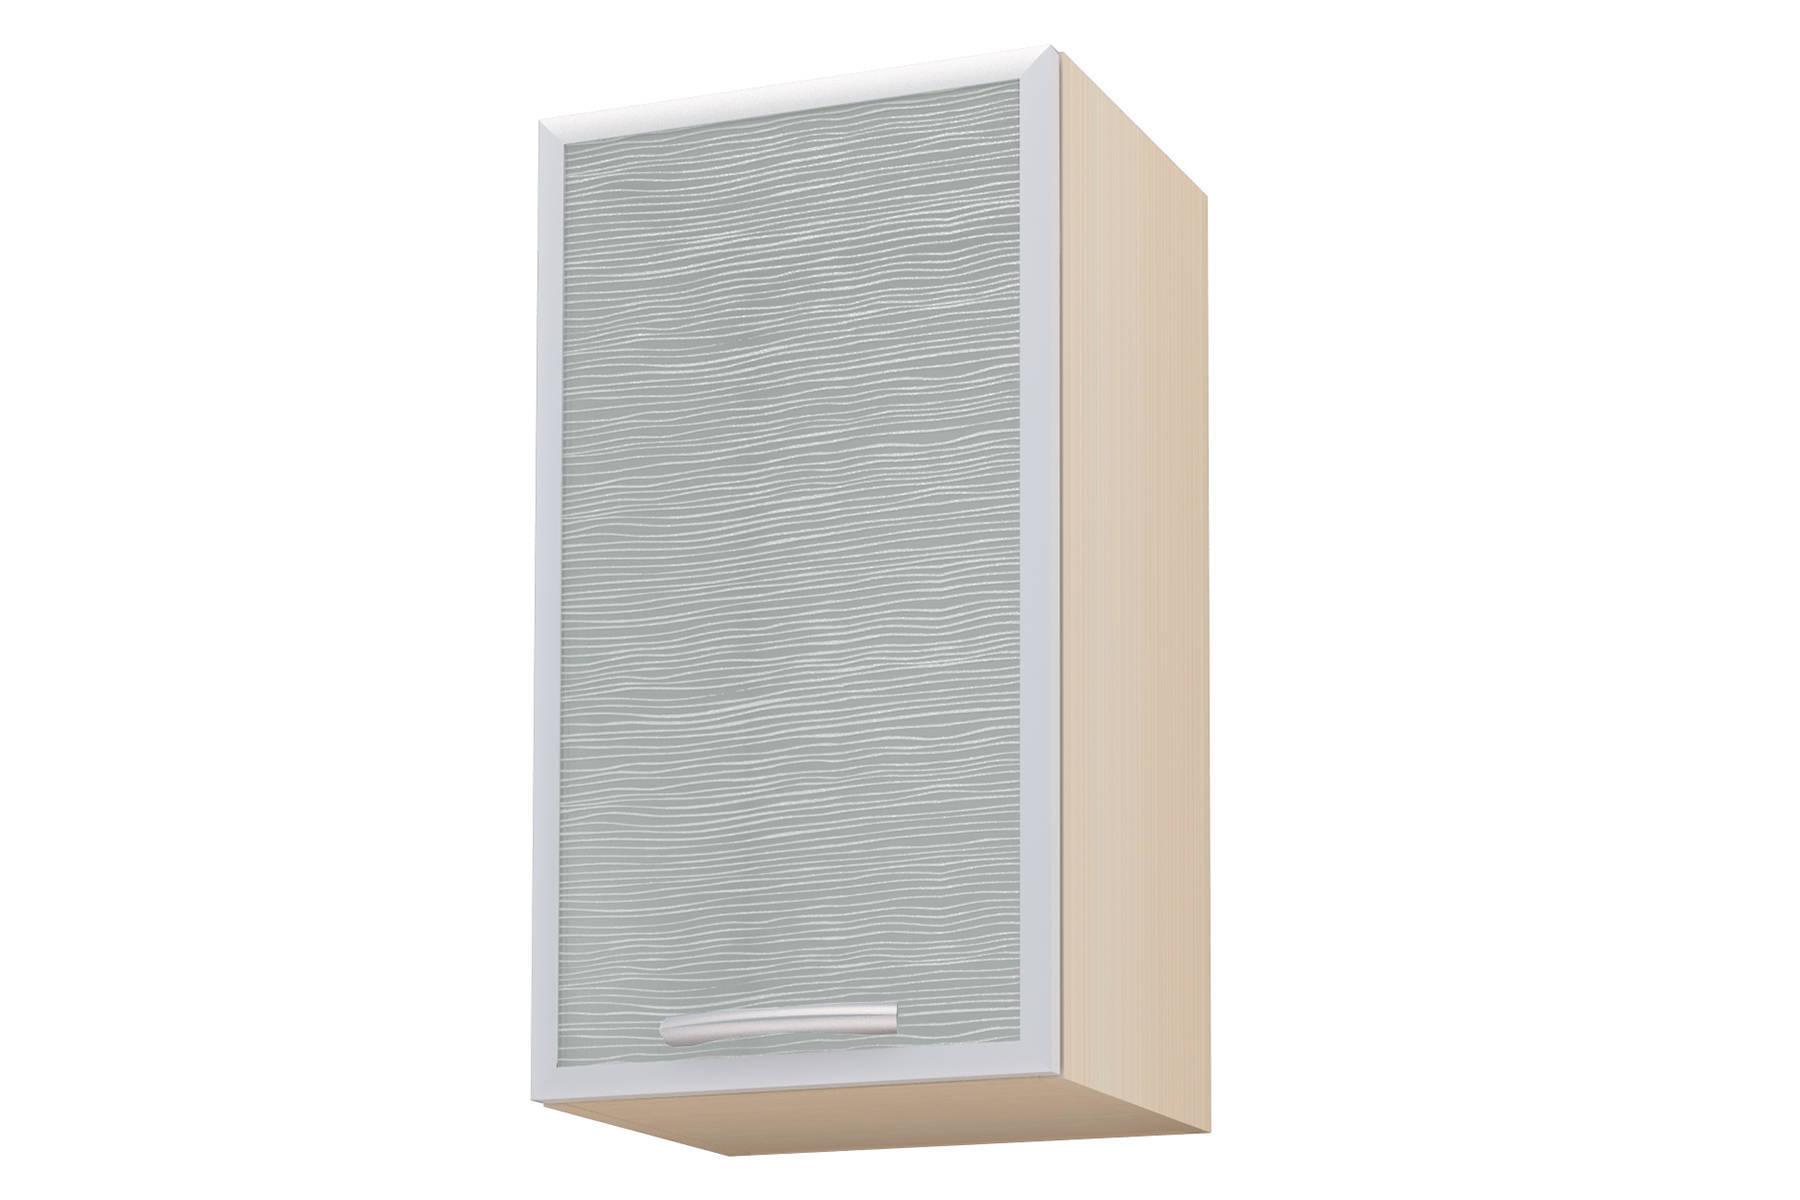 Селена шкаф навесной ш.400, фасад правый недорого